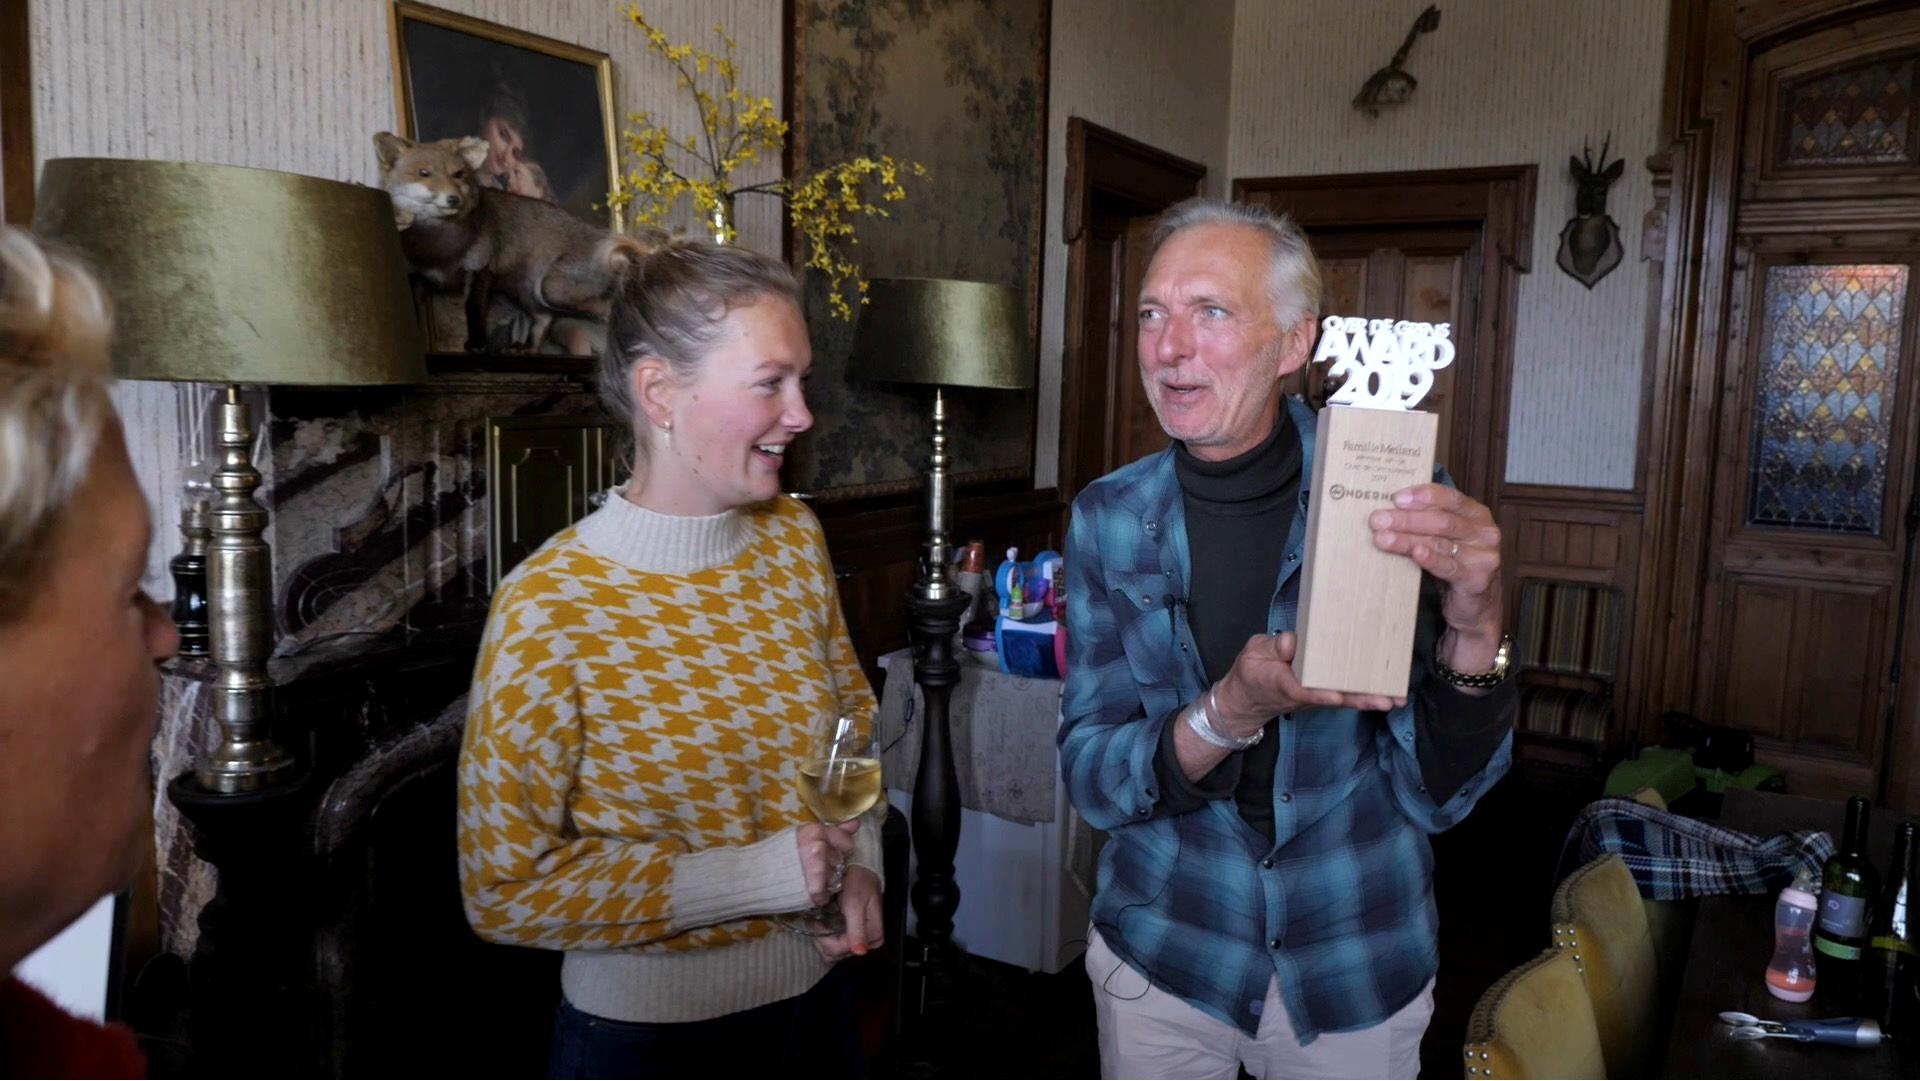 Meiland Martien Maxime award